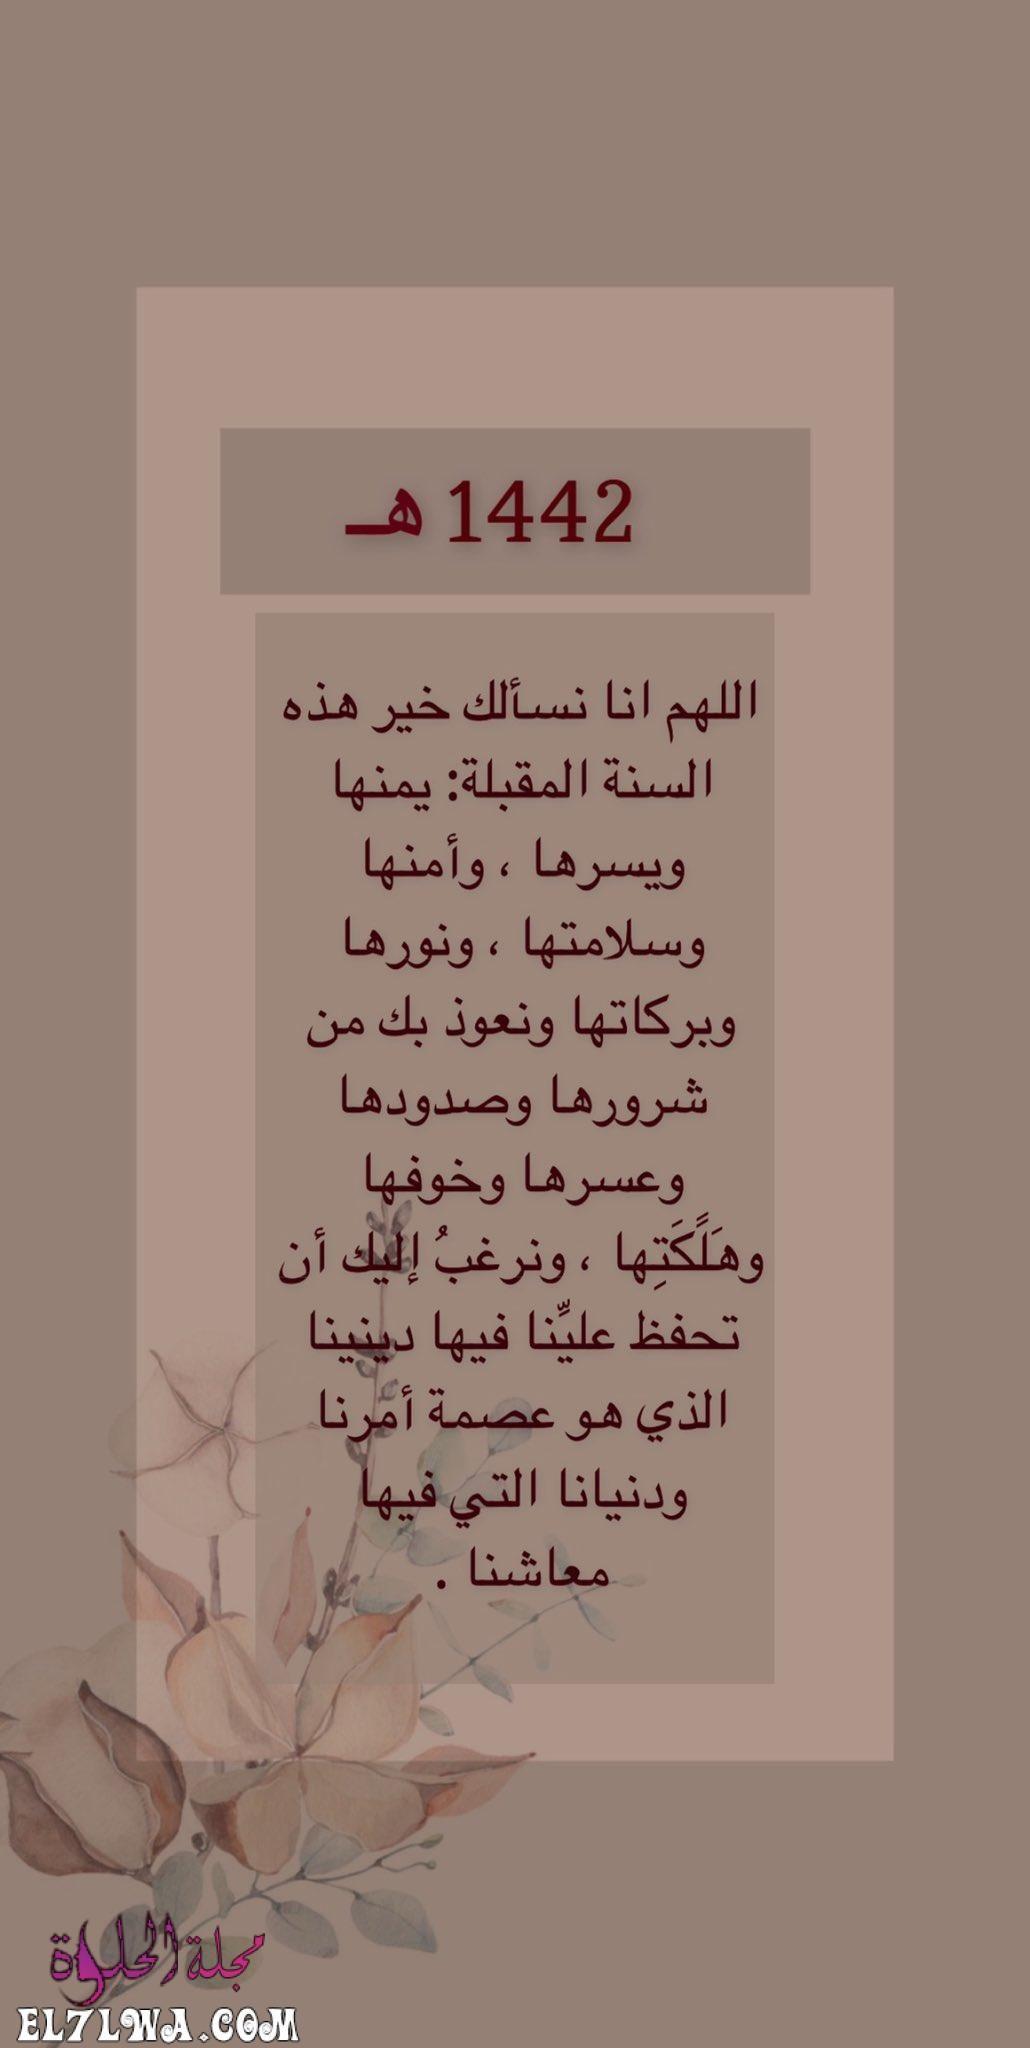 عبارات تهنئة بالسنة الهجرية الجديدة 1442 بطاقات تهنئة بالسنة الهجرية الجديدة 1442 مع بداية العام الهجري الجديد 1442 يتسابق ا Lettering Hijri Year Letter Board